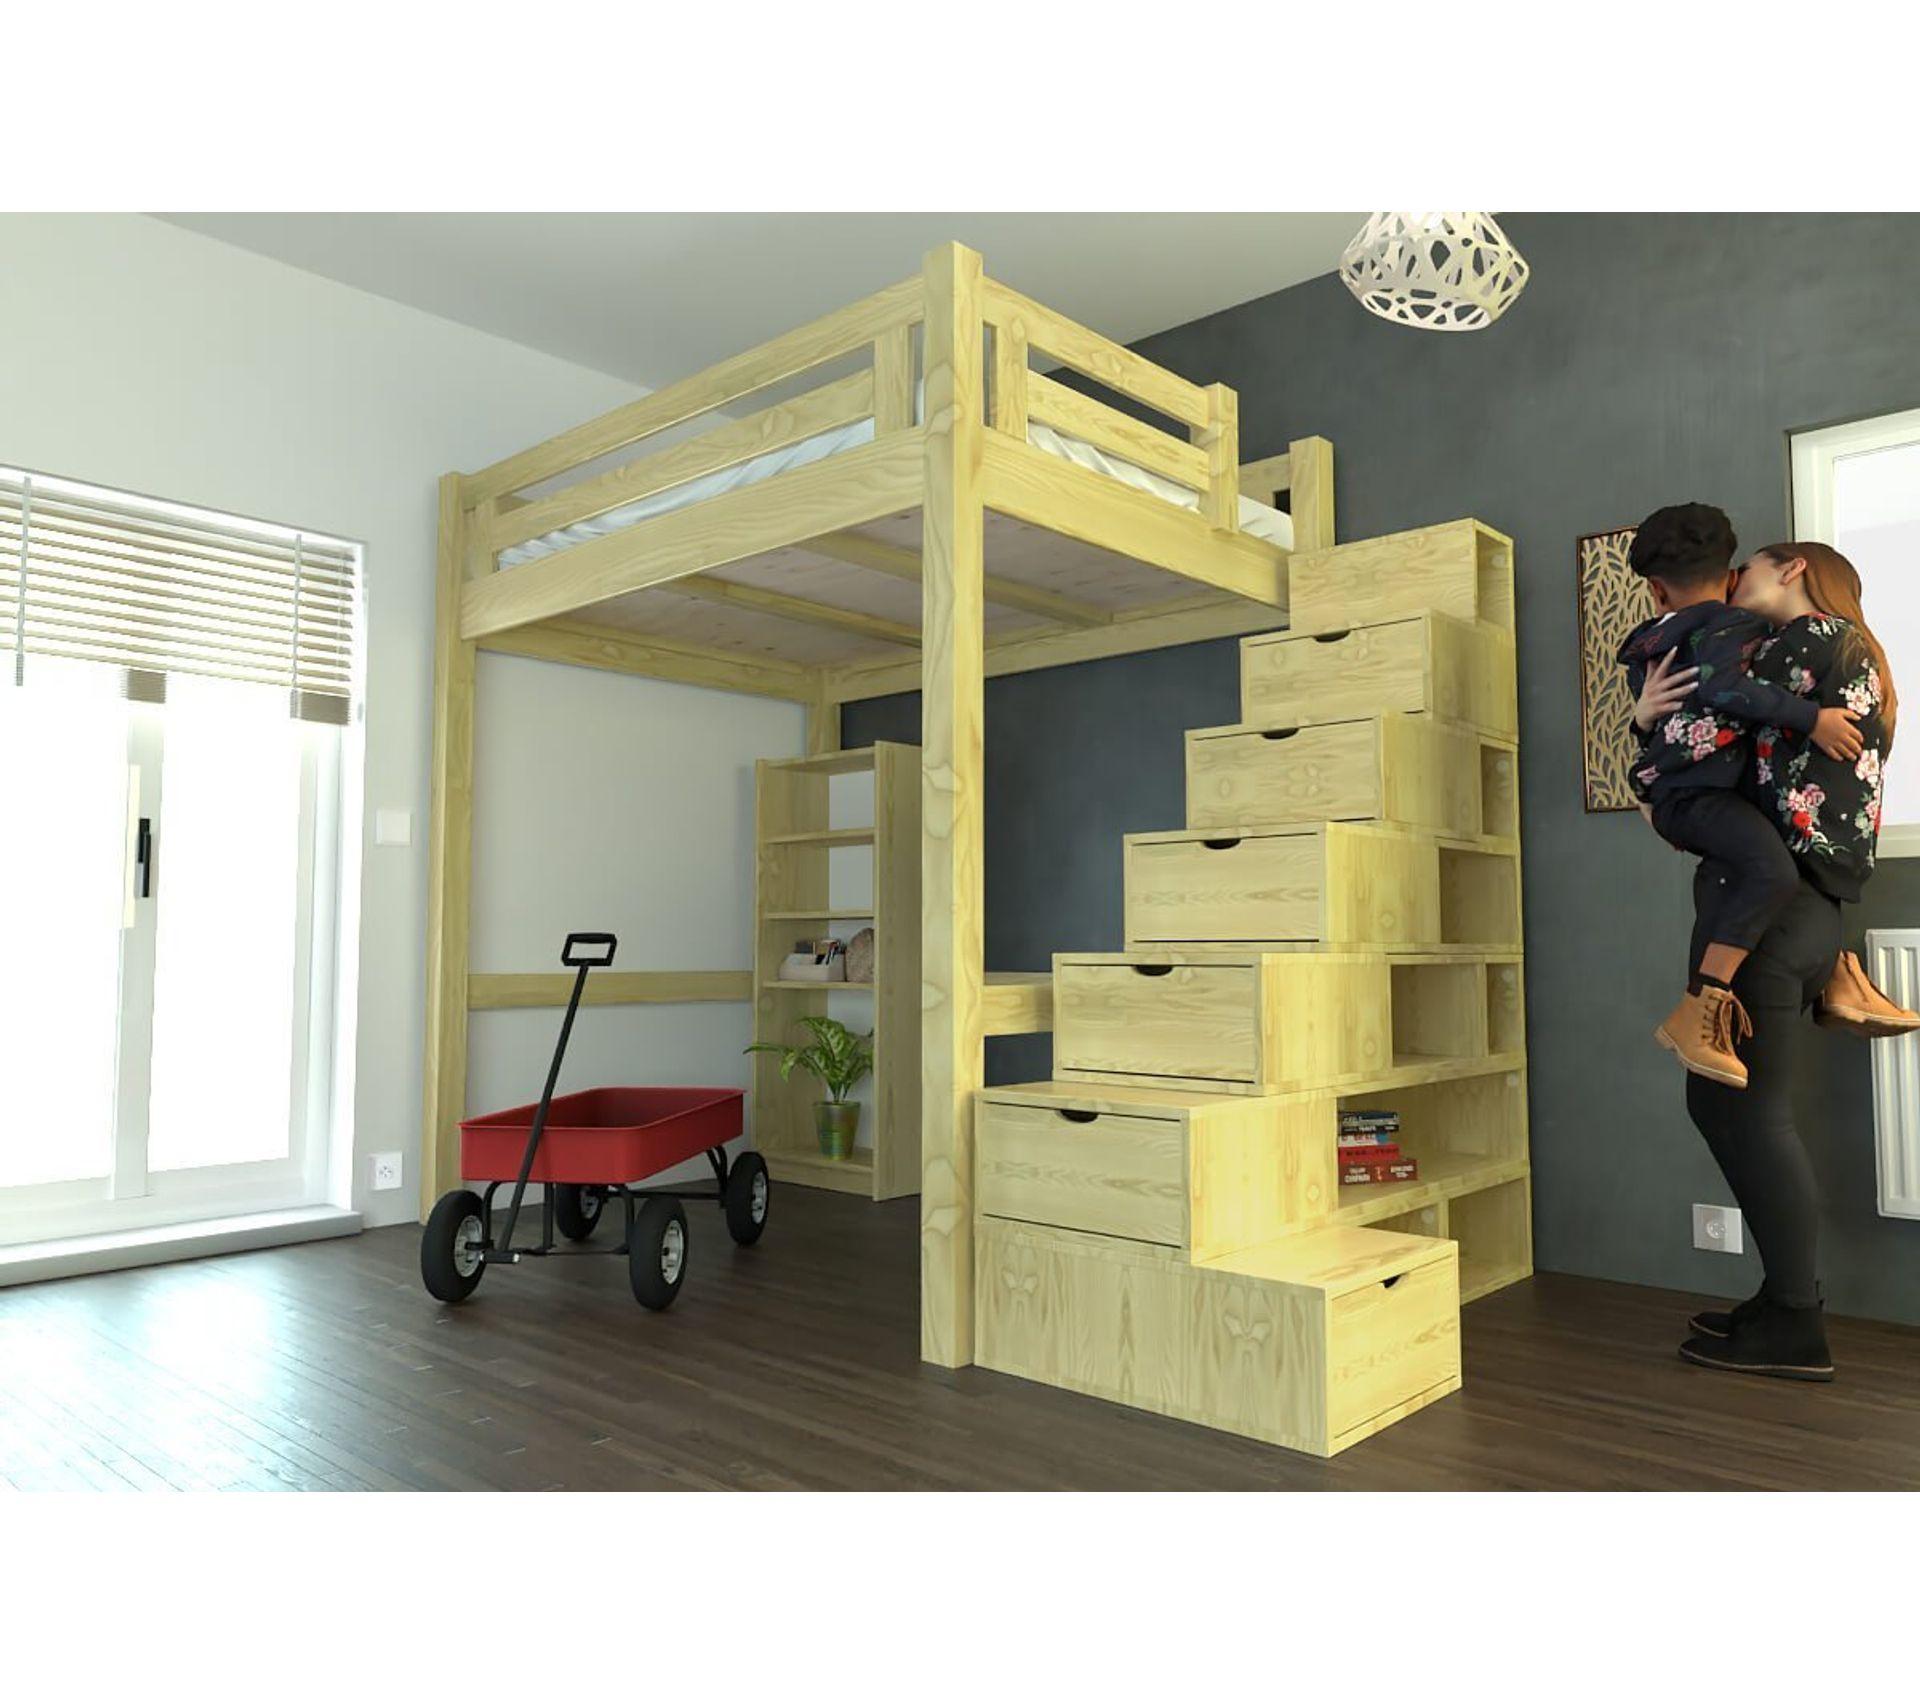 lit mezzanine alpage bois  escalier cube hauteur réglable